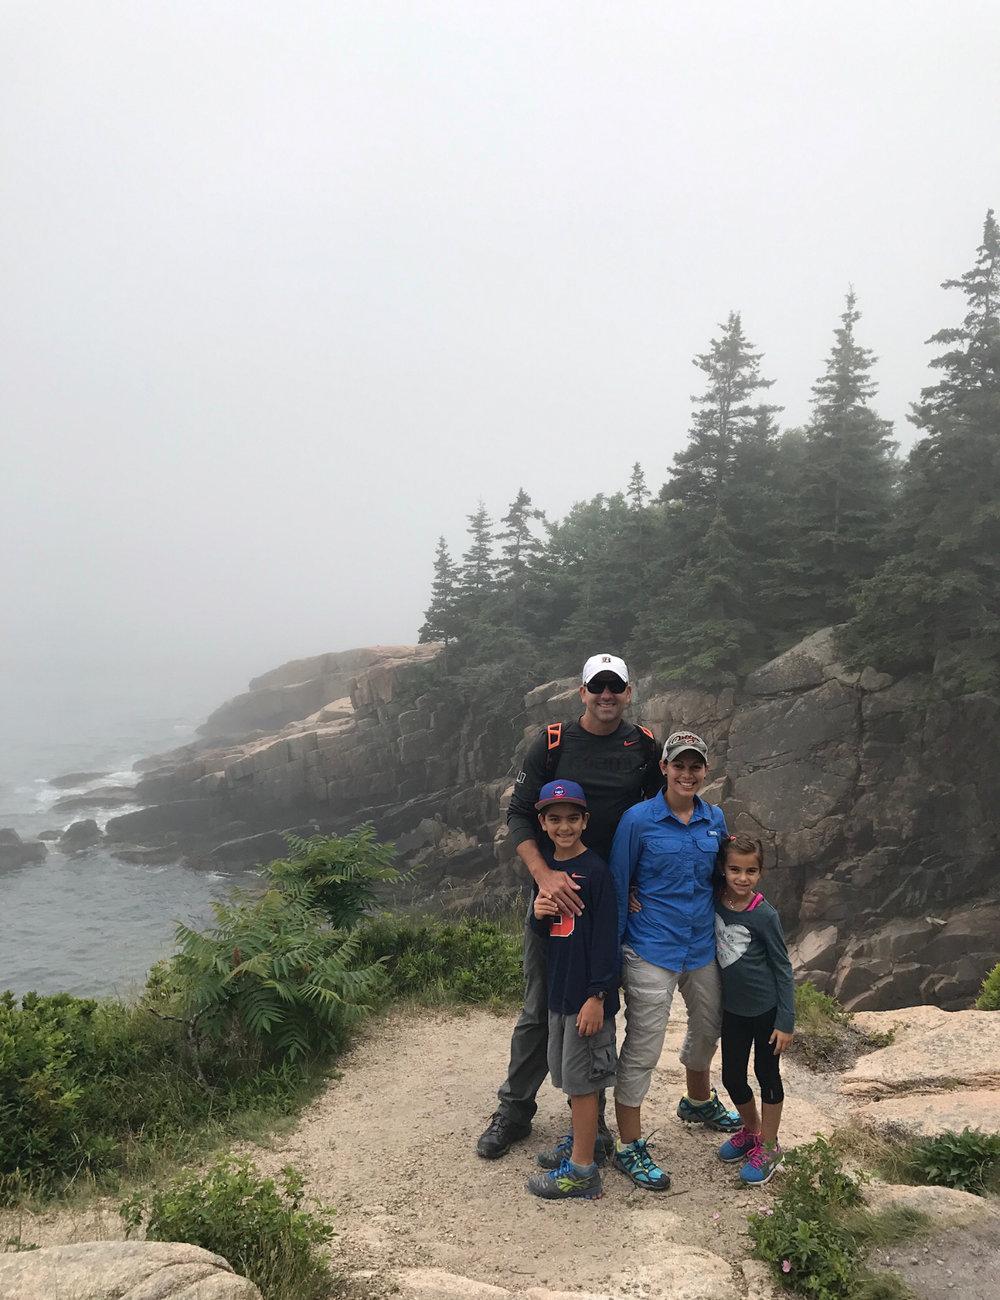 Ocean Path acadia national park maine